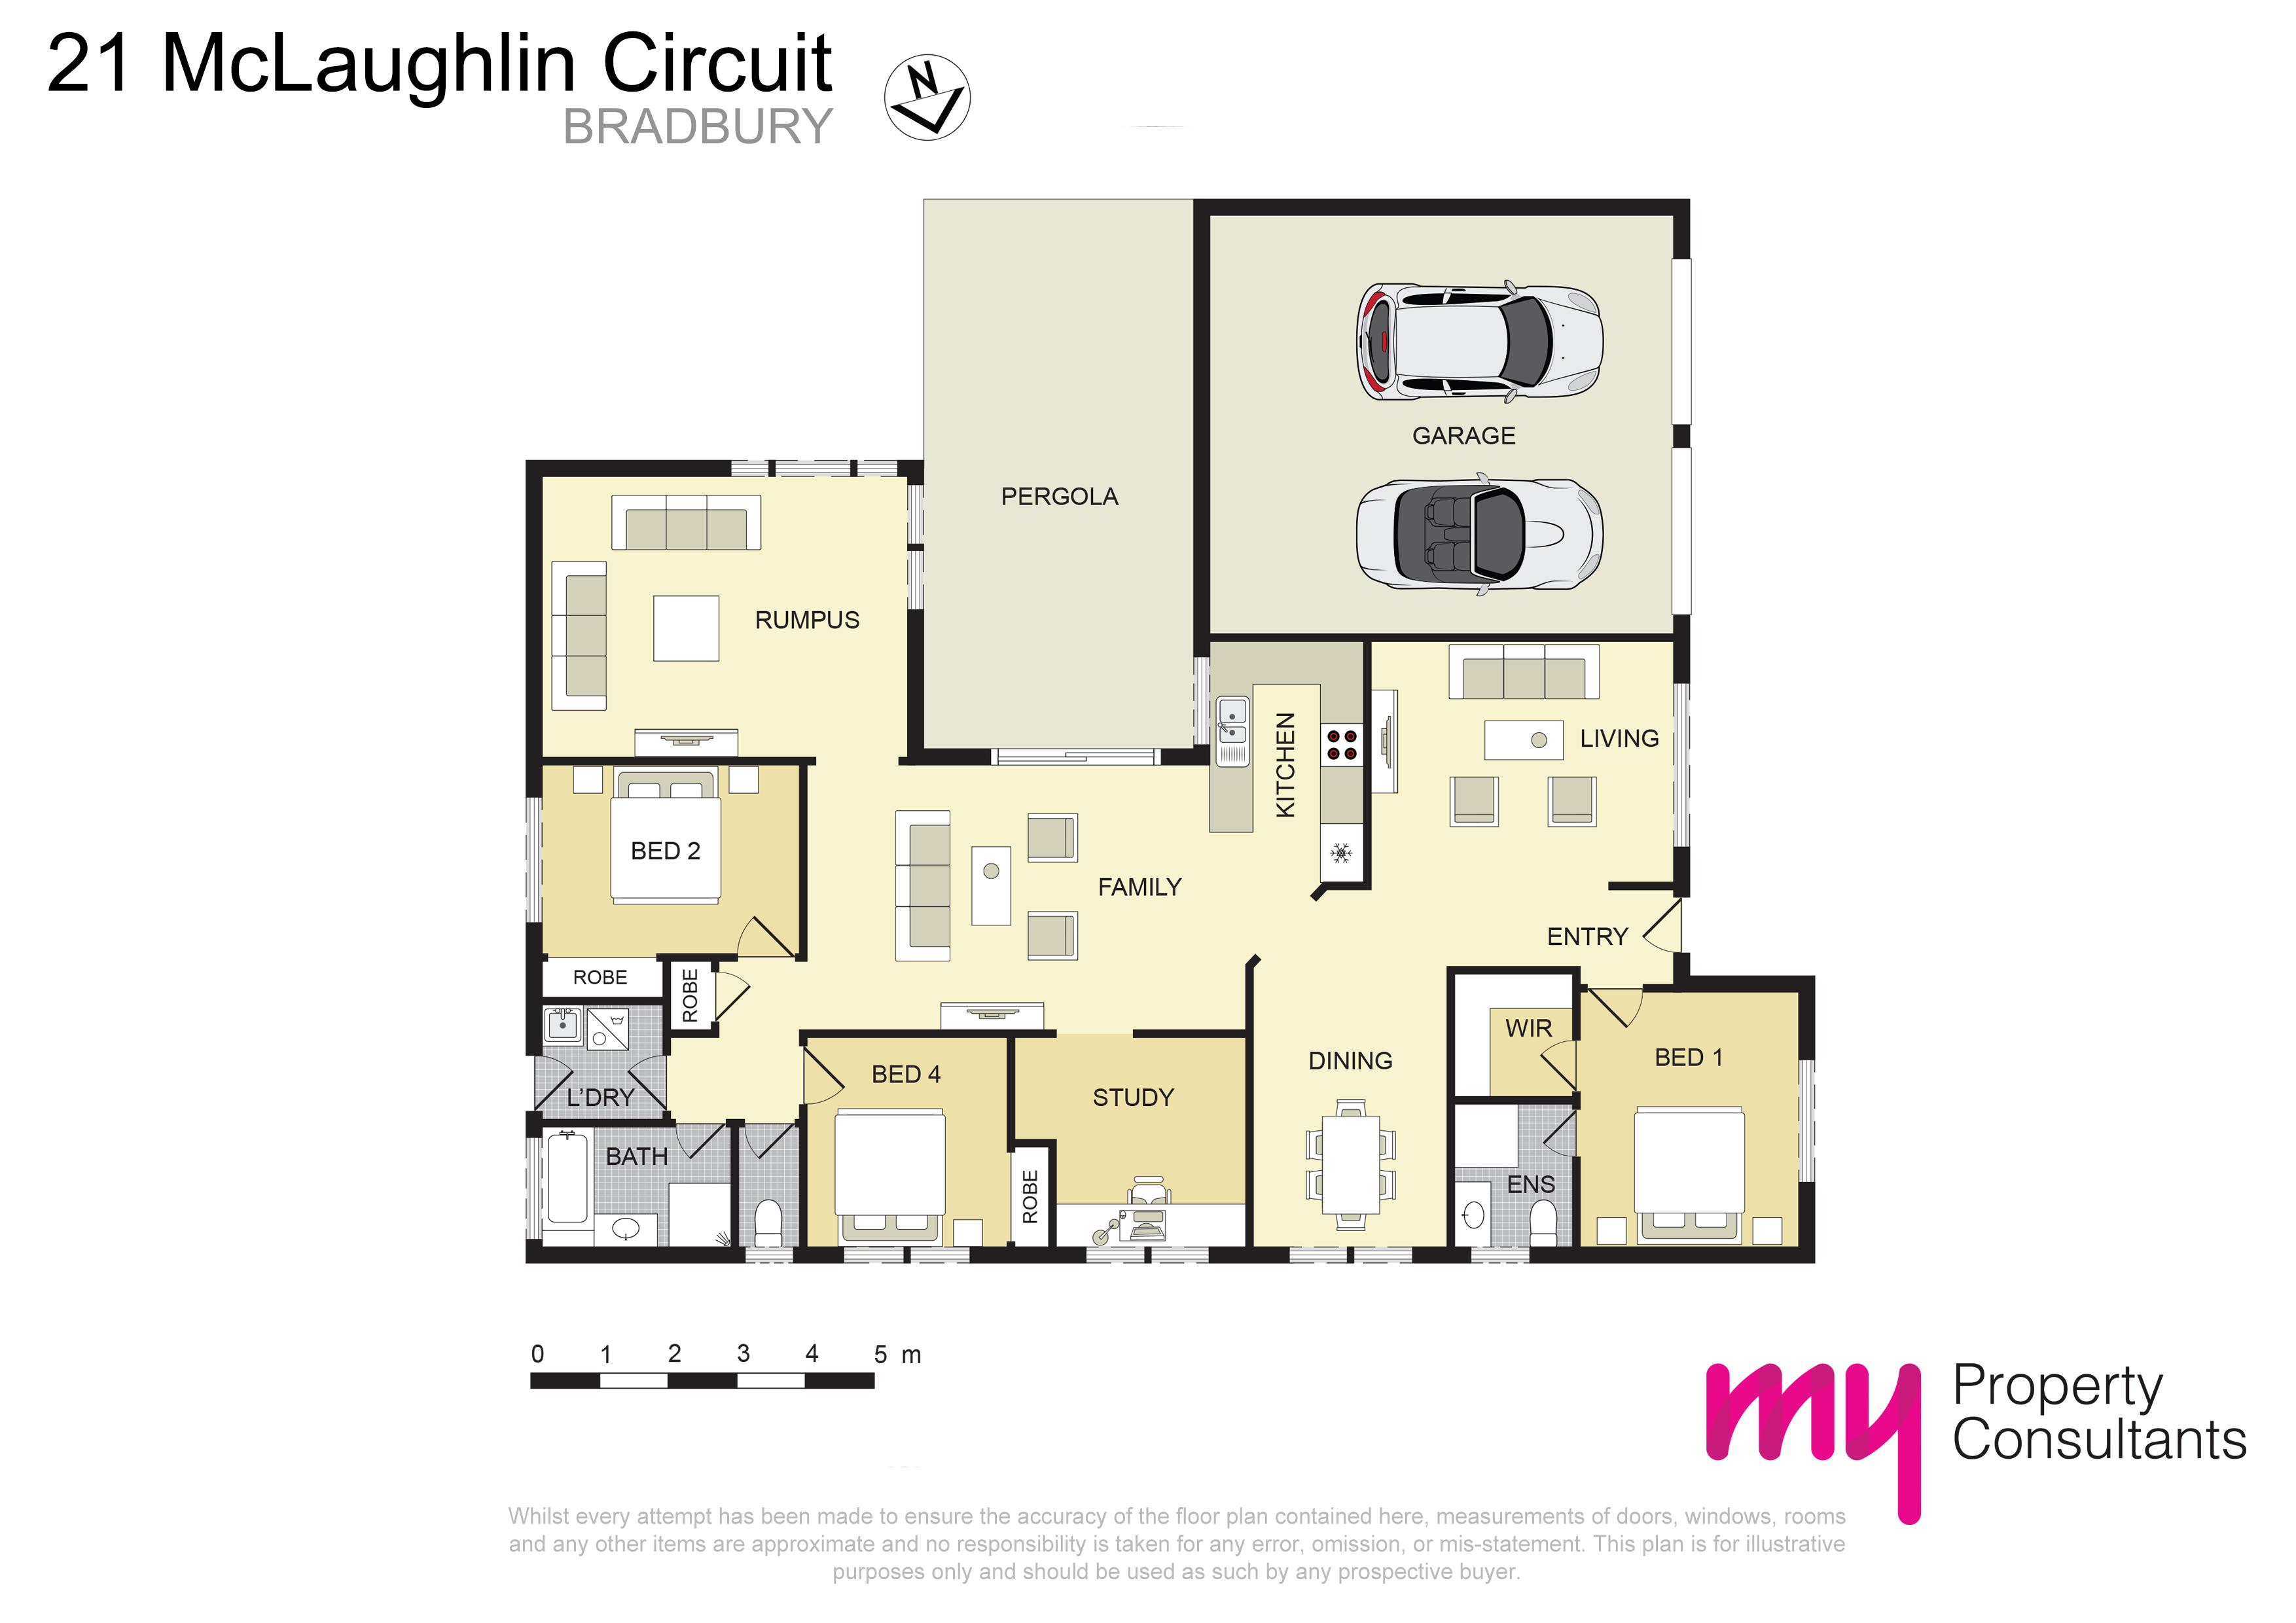 21 McLaughlin Circuit, BRADBURY